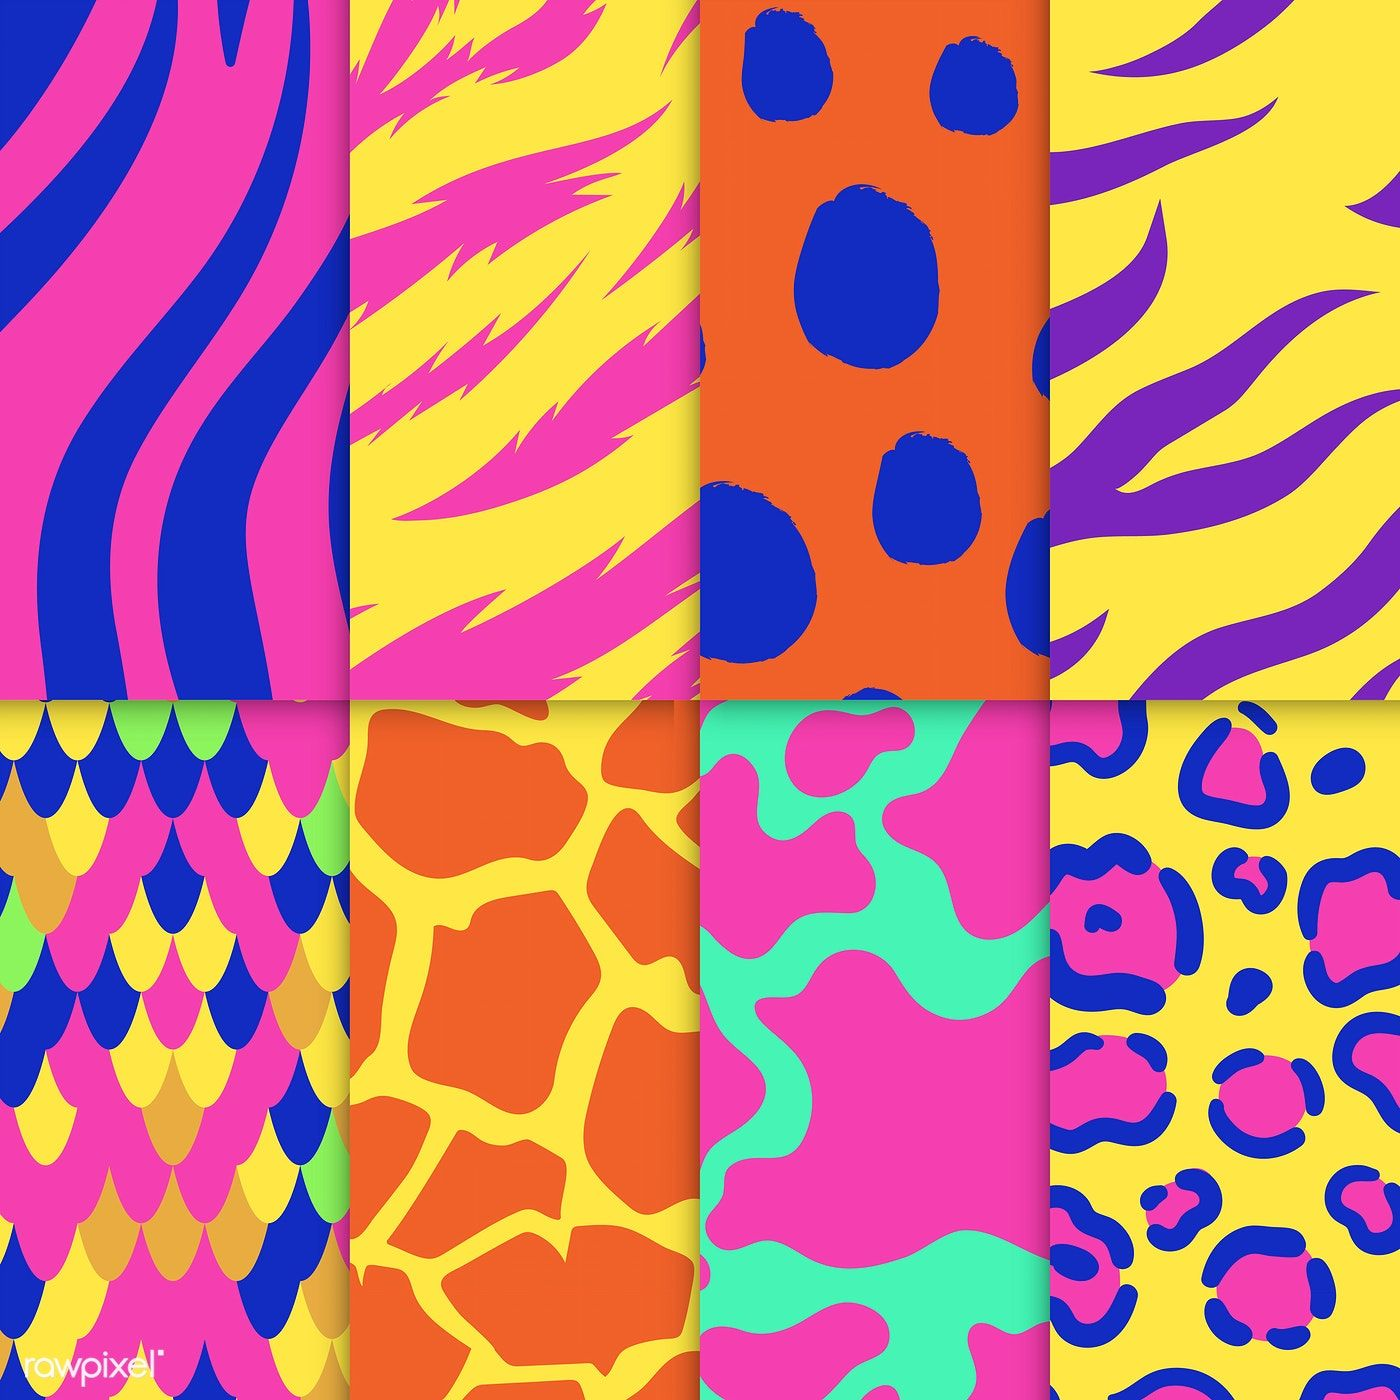 Animal Print Images Free